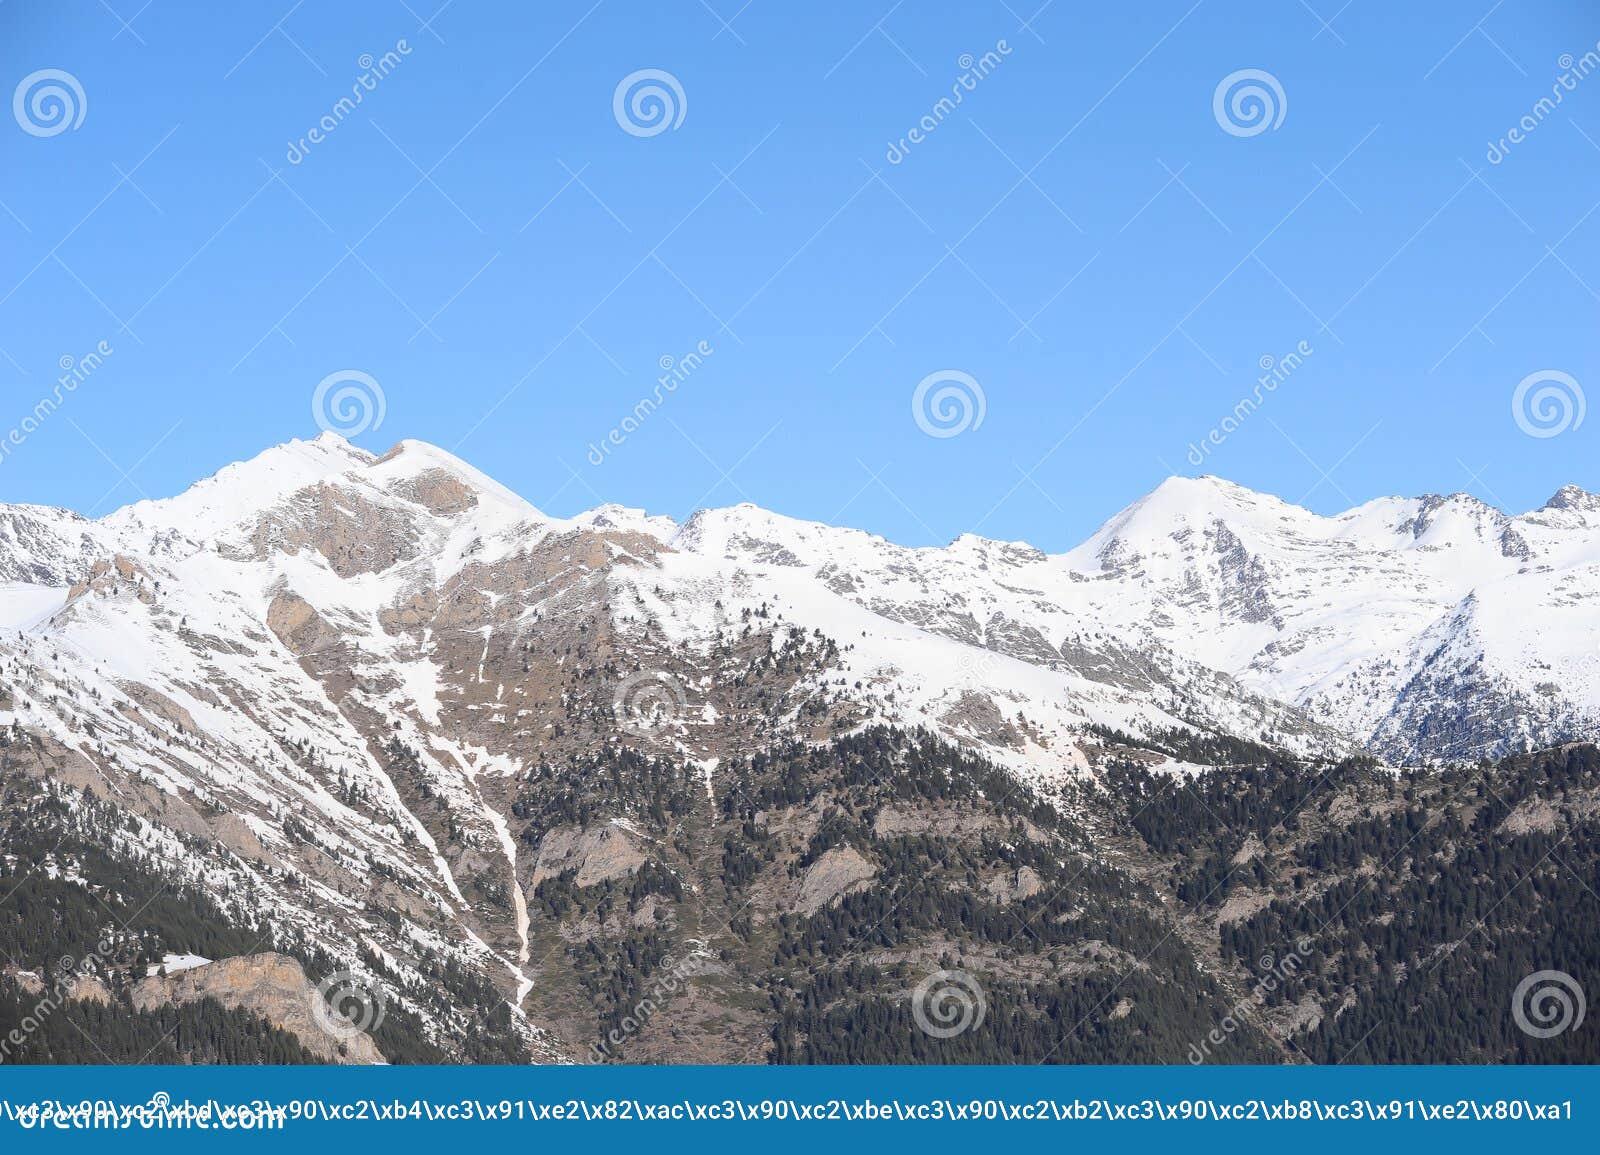 Berg som täckas med snö och som är bevuxna med granen - Furstendömet Andorra, Pyrenees, Europa